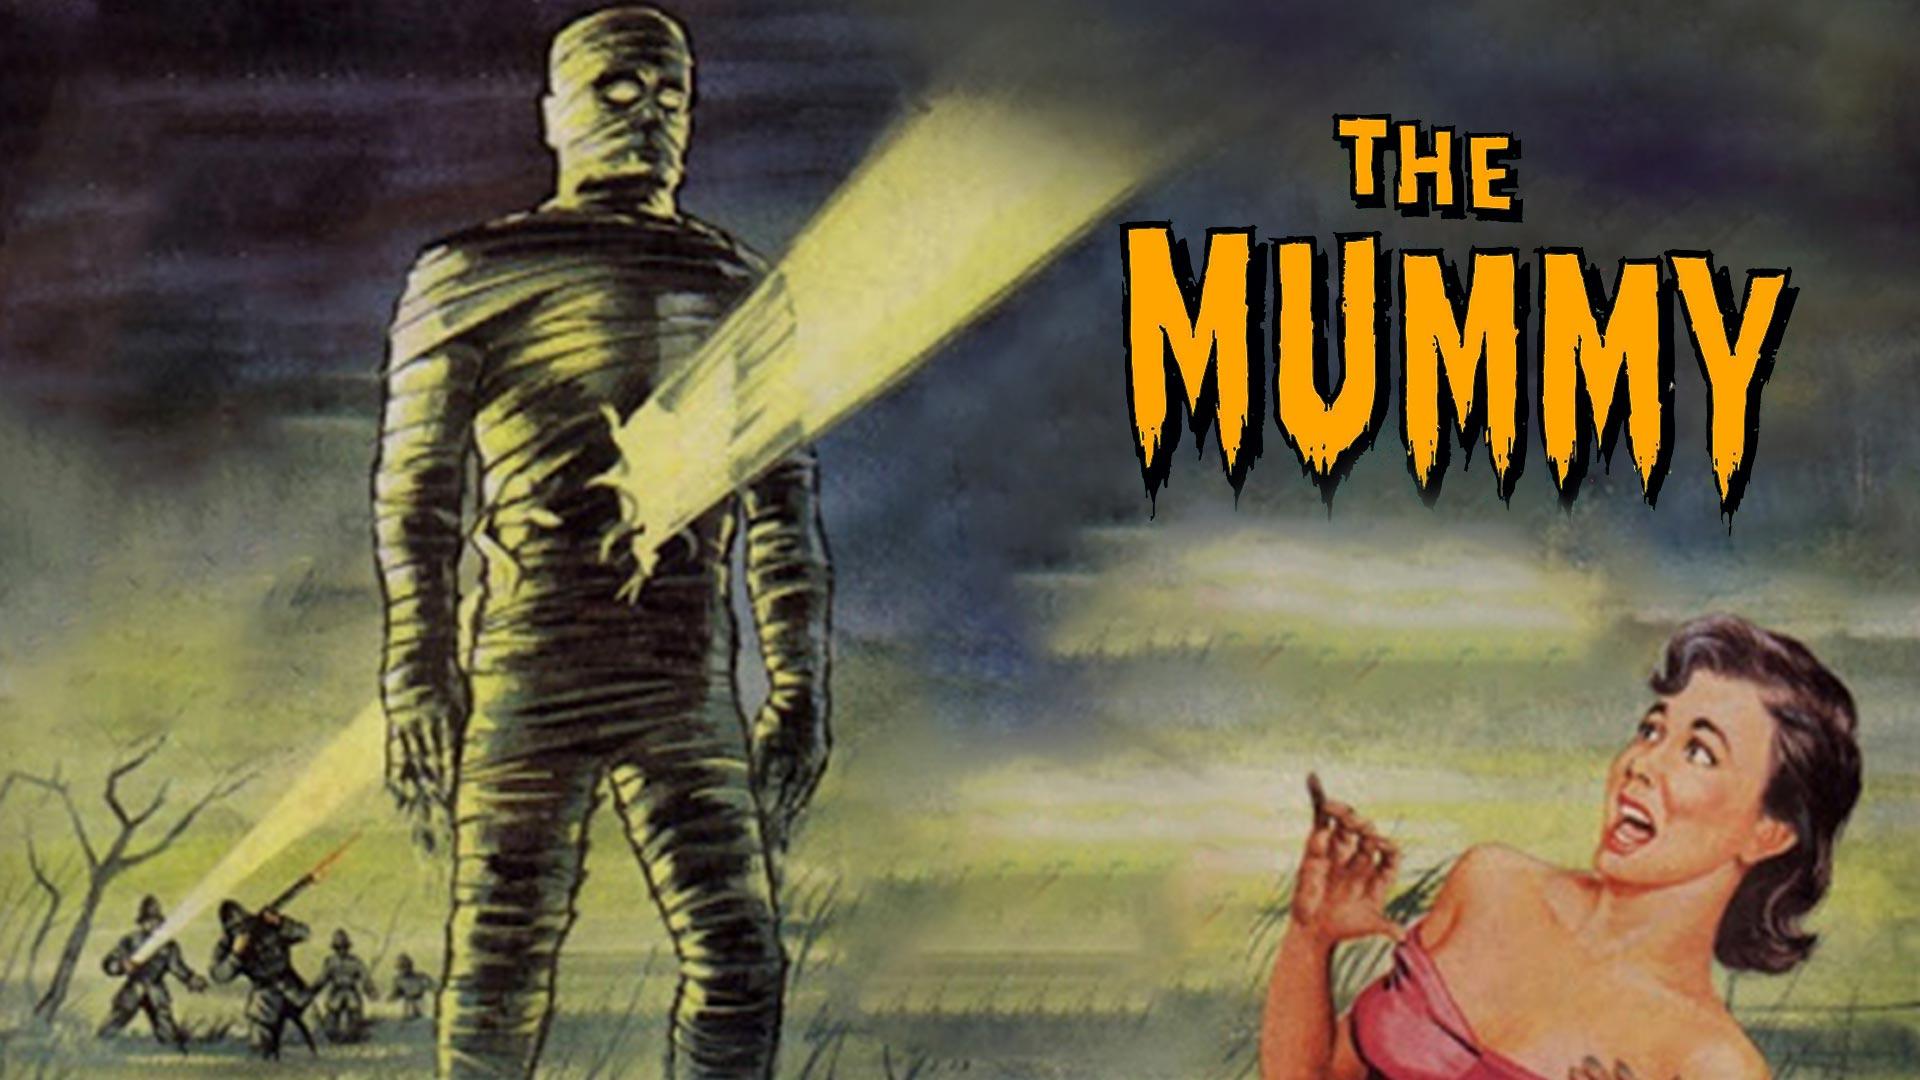 The Mummy (1959)